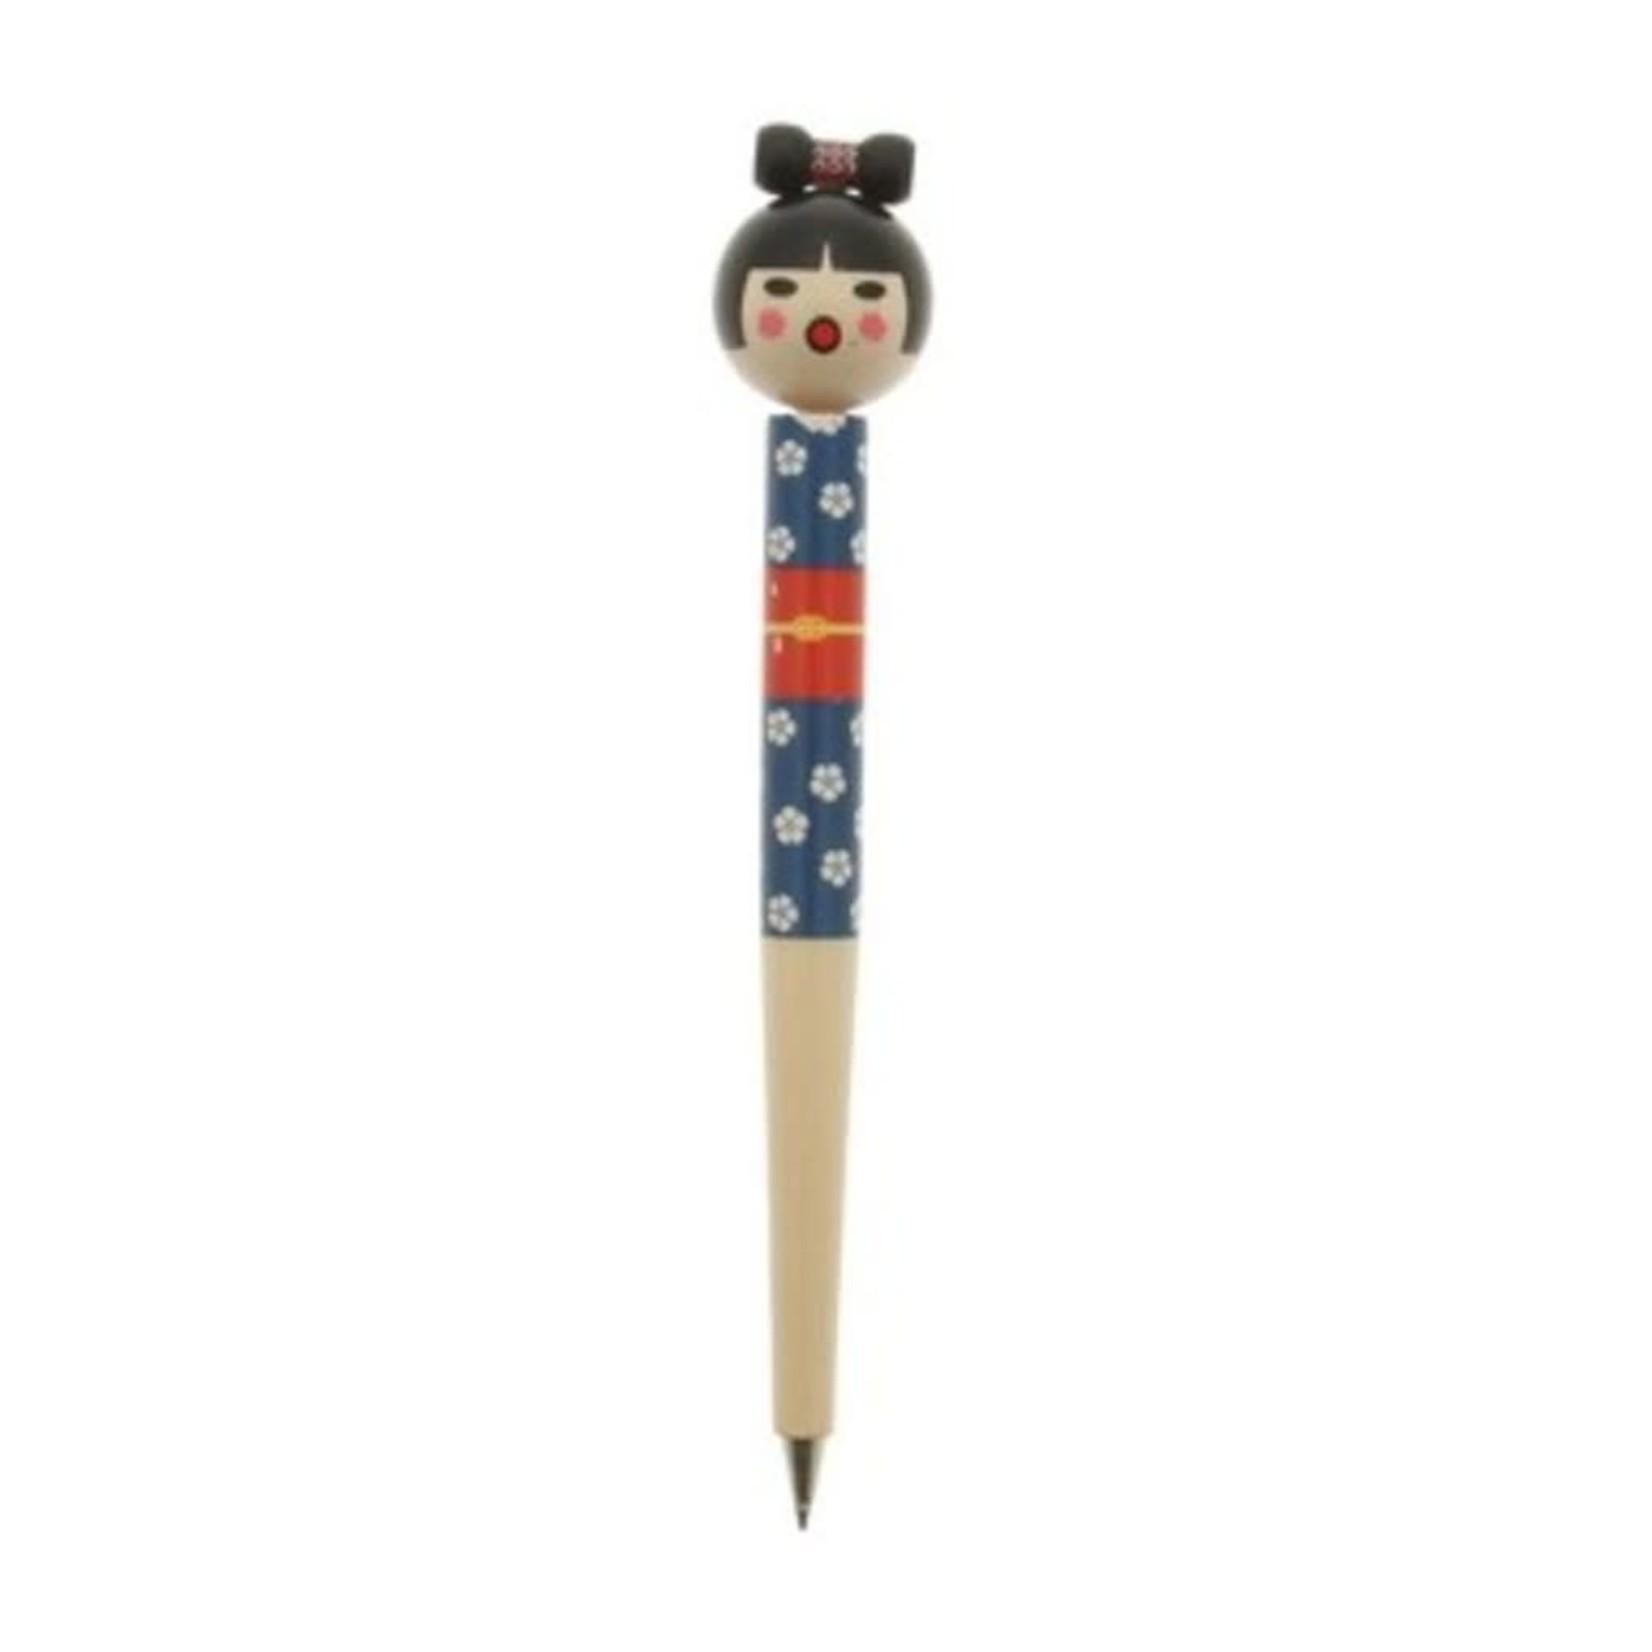 Kotobuki Trading Co. Inc Pen Kokeshi Doll